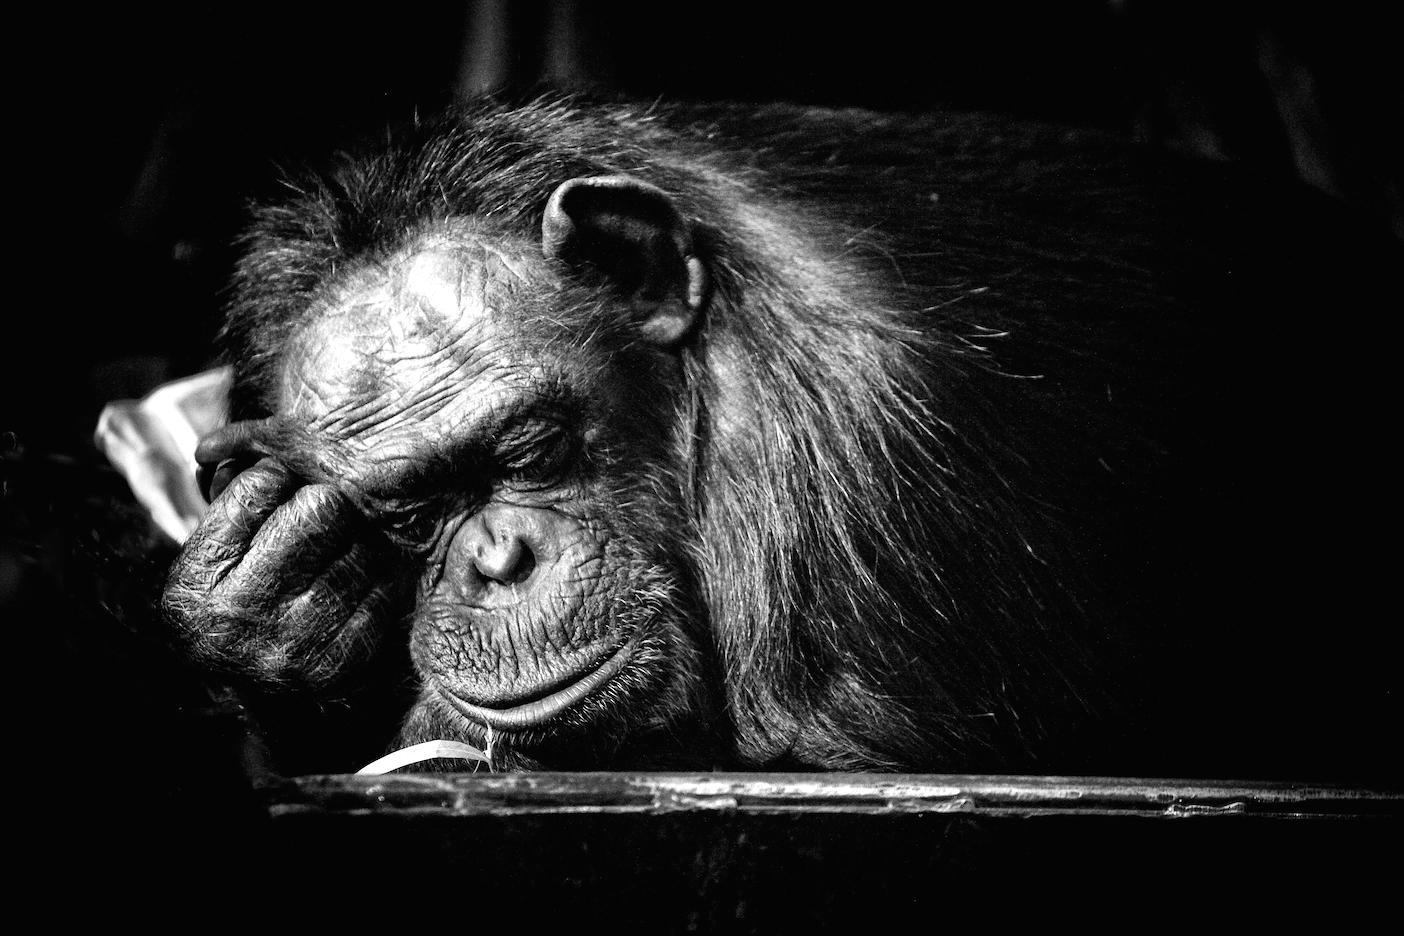 sleeping_chimp.jpg